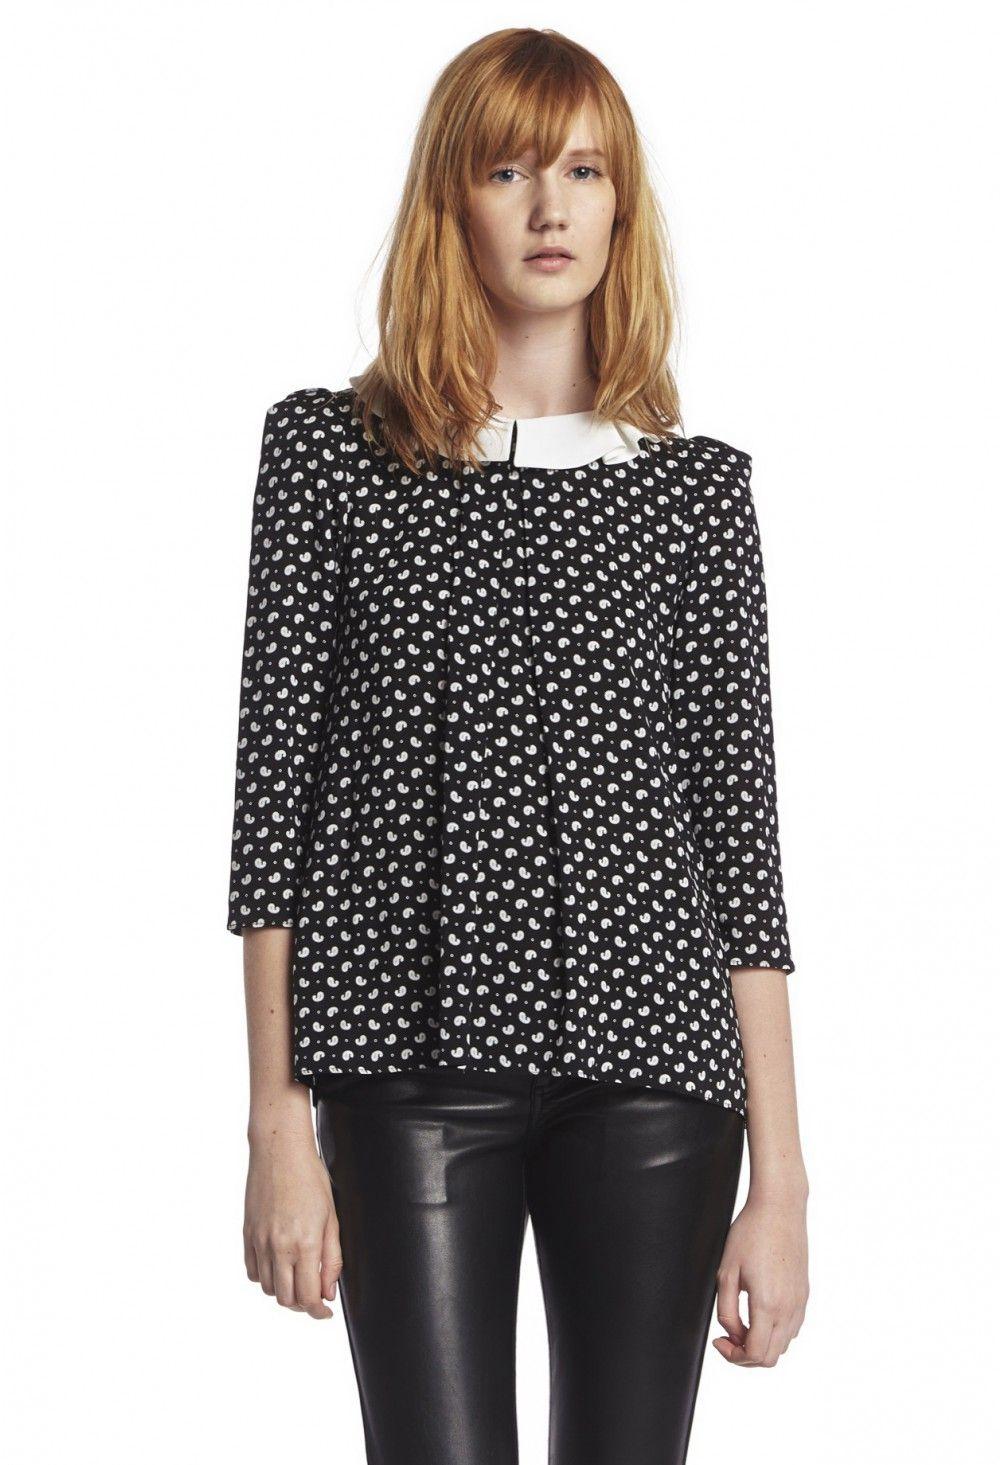 Top BONNY NOIR - Top Femme - Claudie Pierlot Blouses, Dress Shirt, Black  People cb1ff7d6a8b7